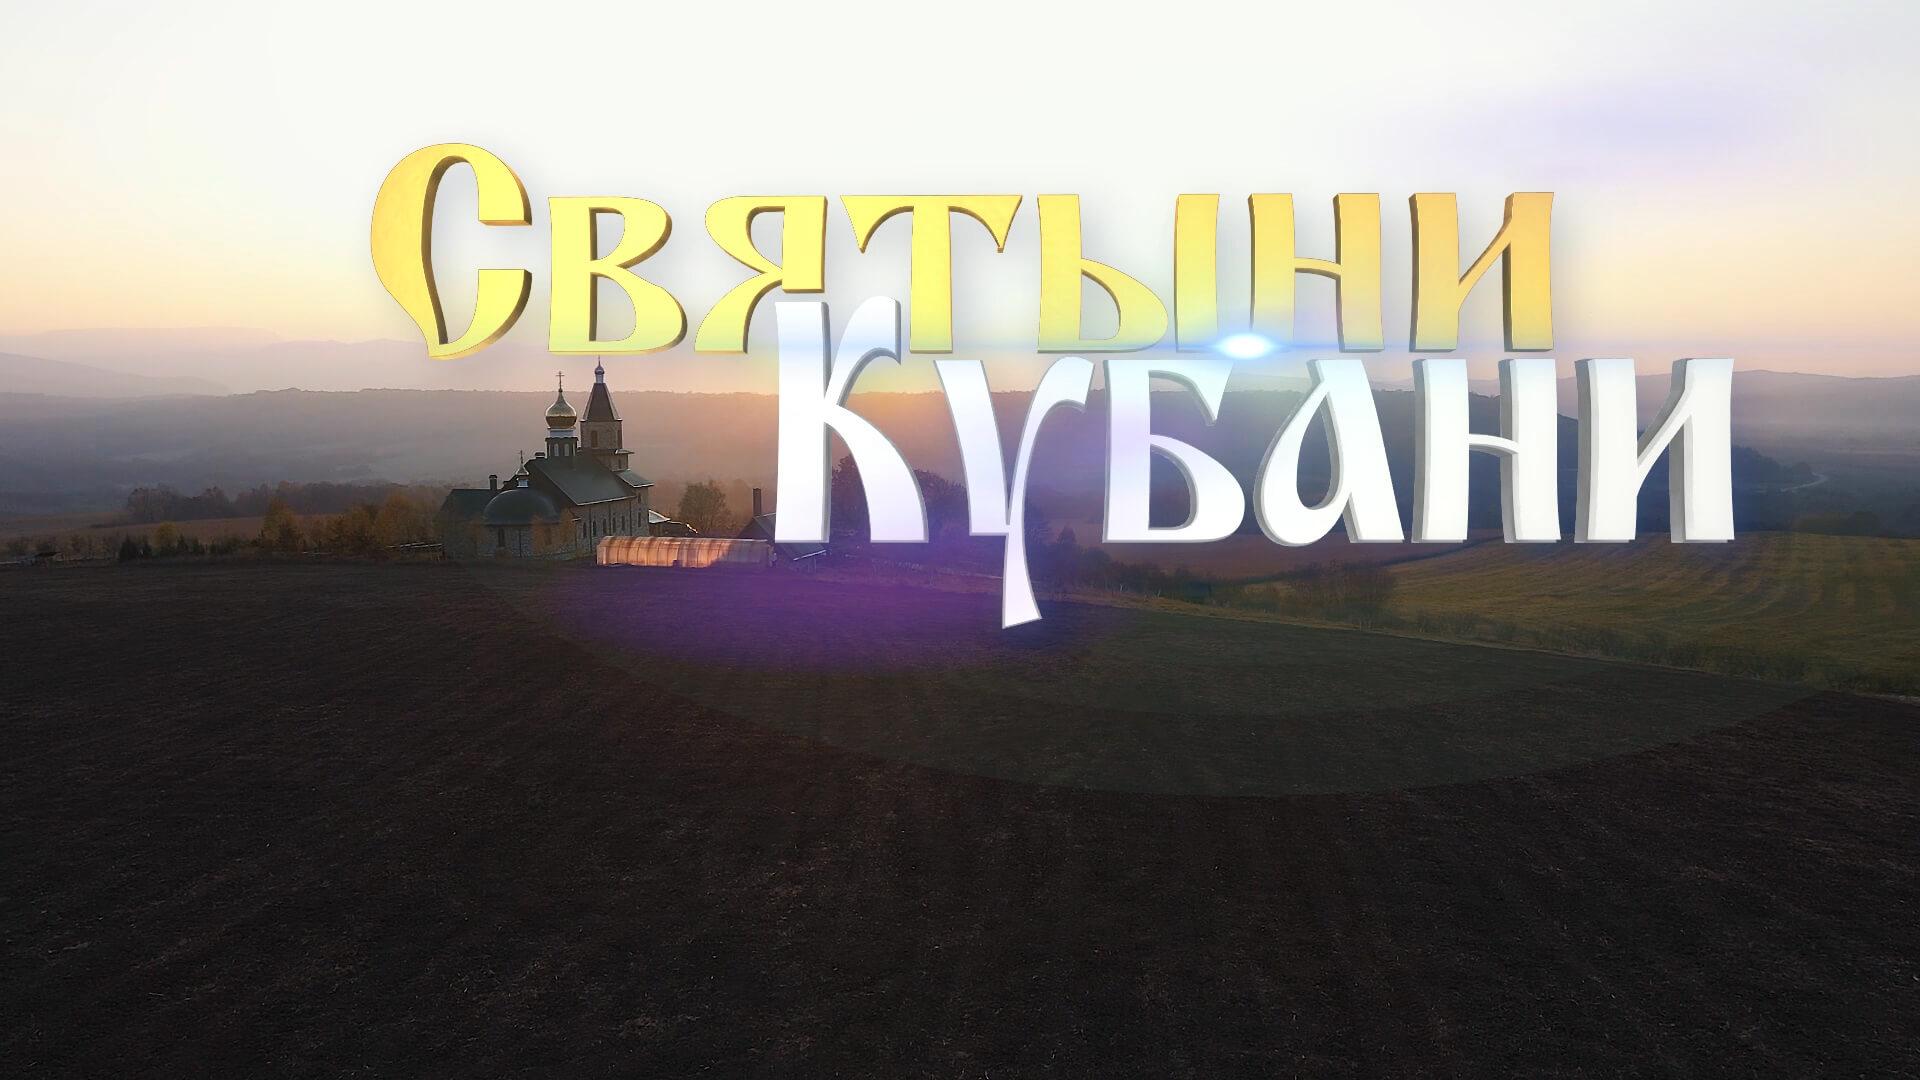 Святыни Кубани